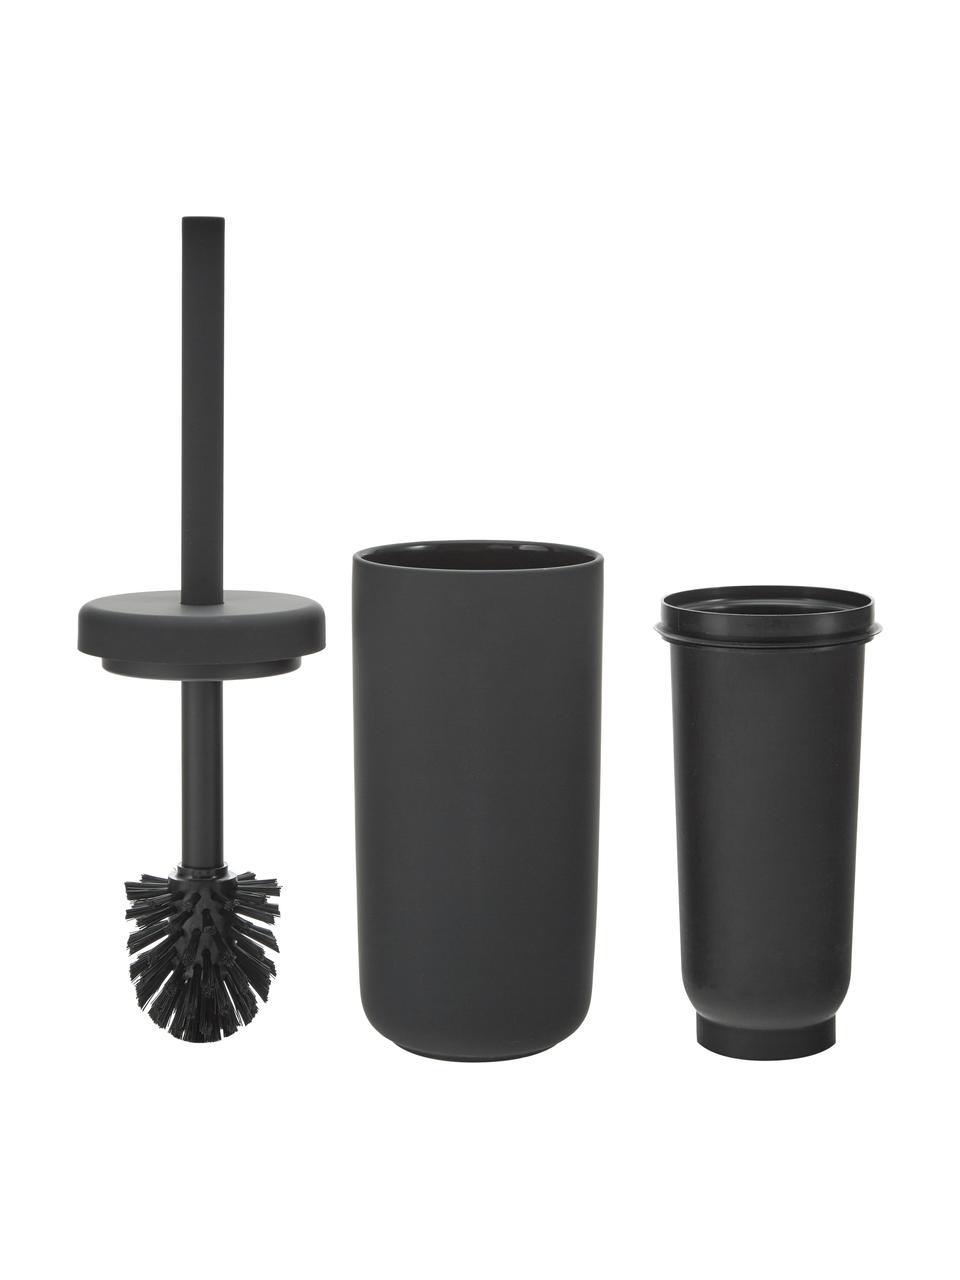 Szczotka toaletowa z pojemnikiem z kamionki Ume, Czarny, matowy, Ø 10 x W 39 cm